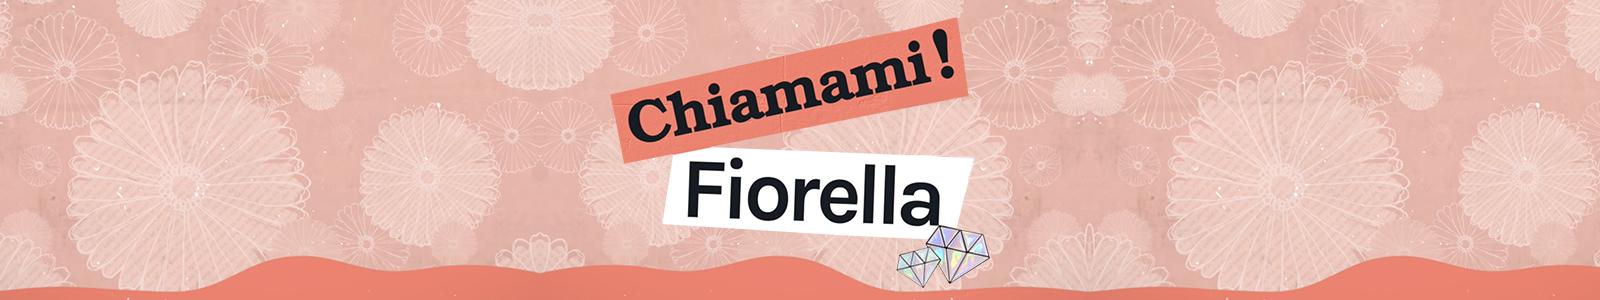 Chiamami! Fiorella featuring Annie Mazzola - Fiorella Rubino